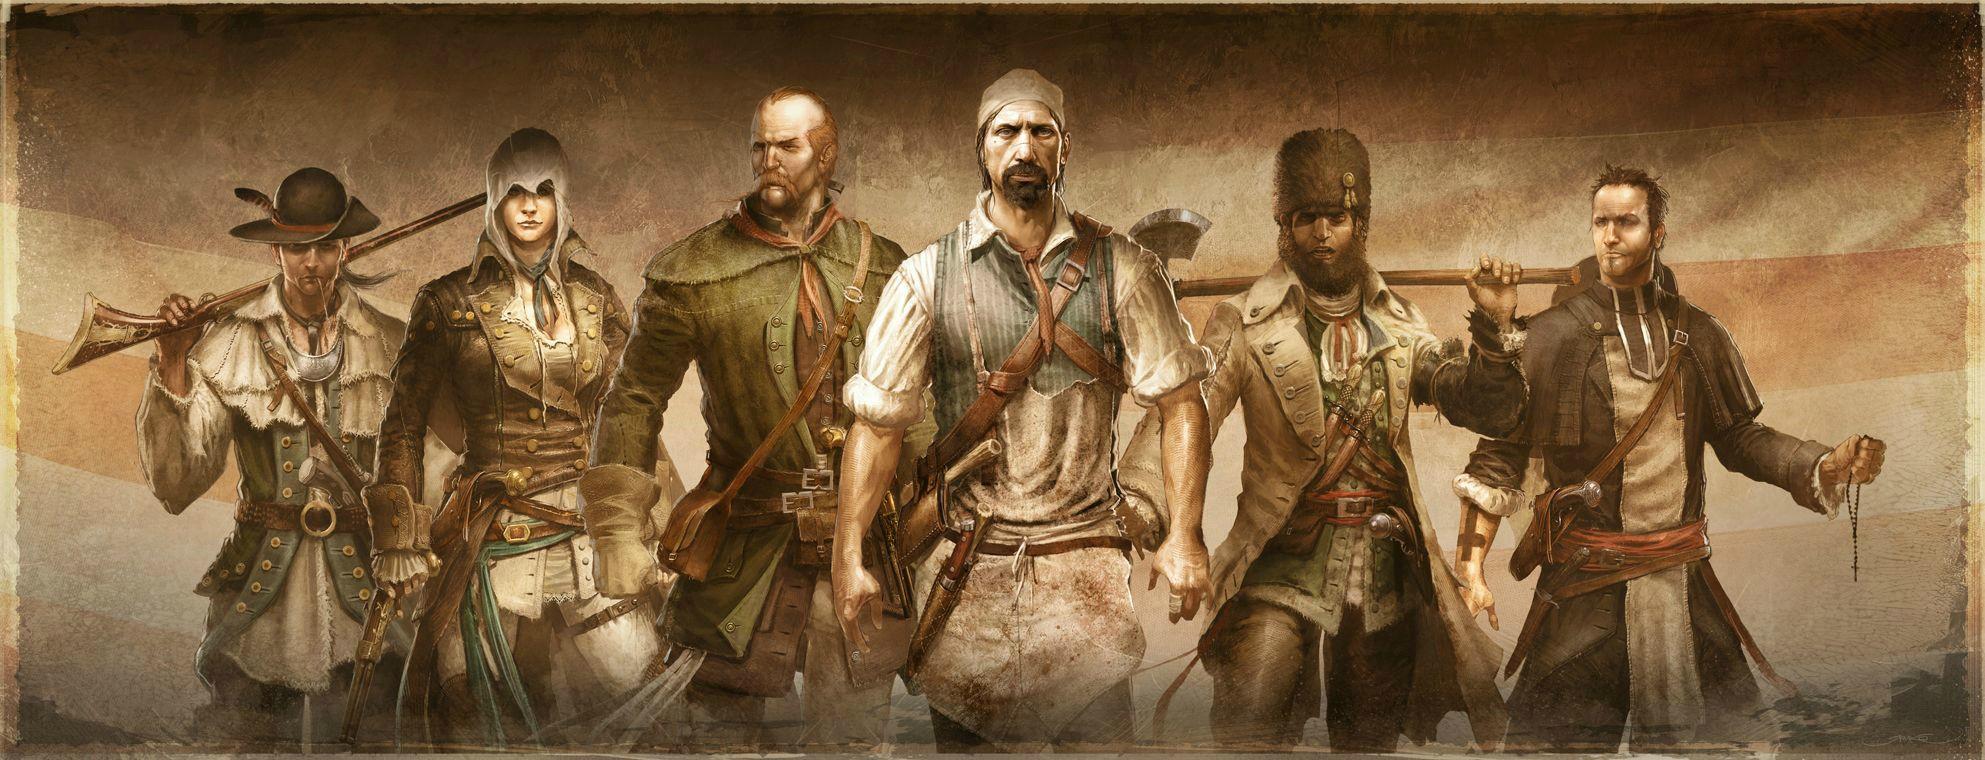 Nové obrázky a artworky z Assassin's Creed 3 71192